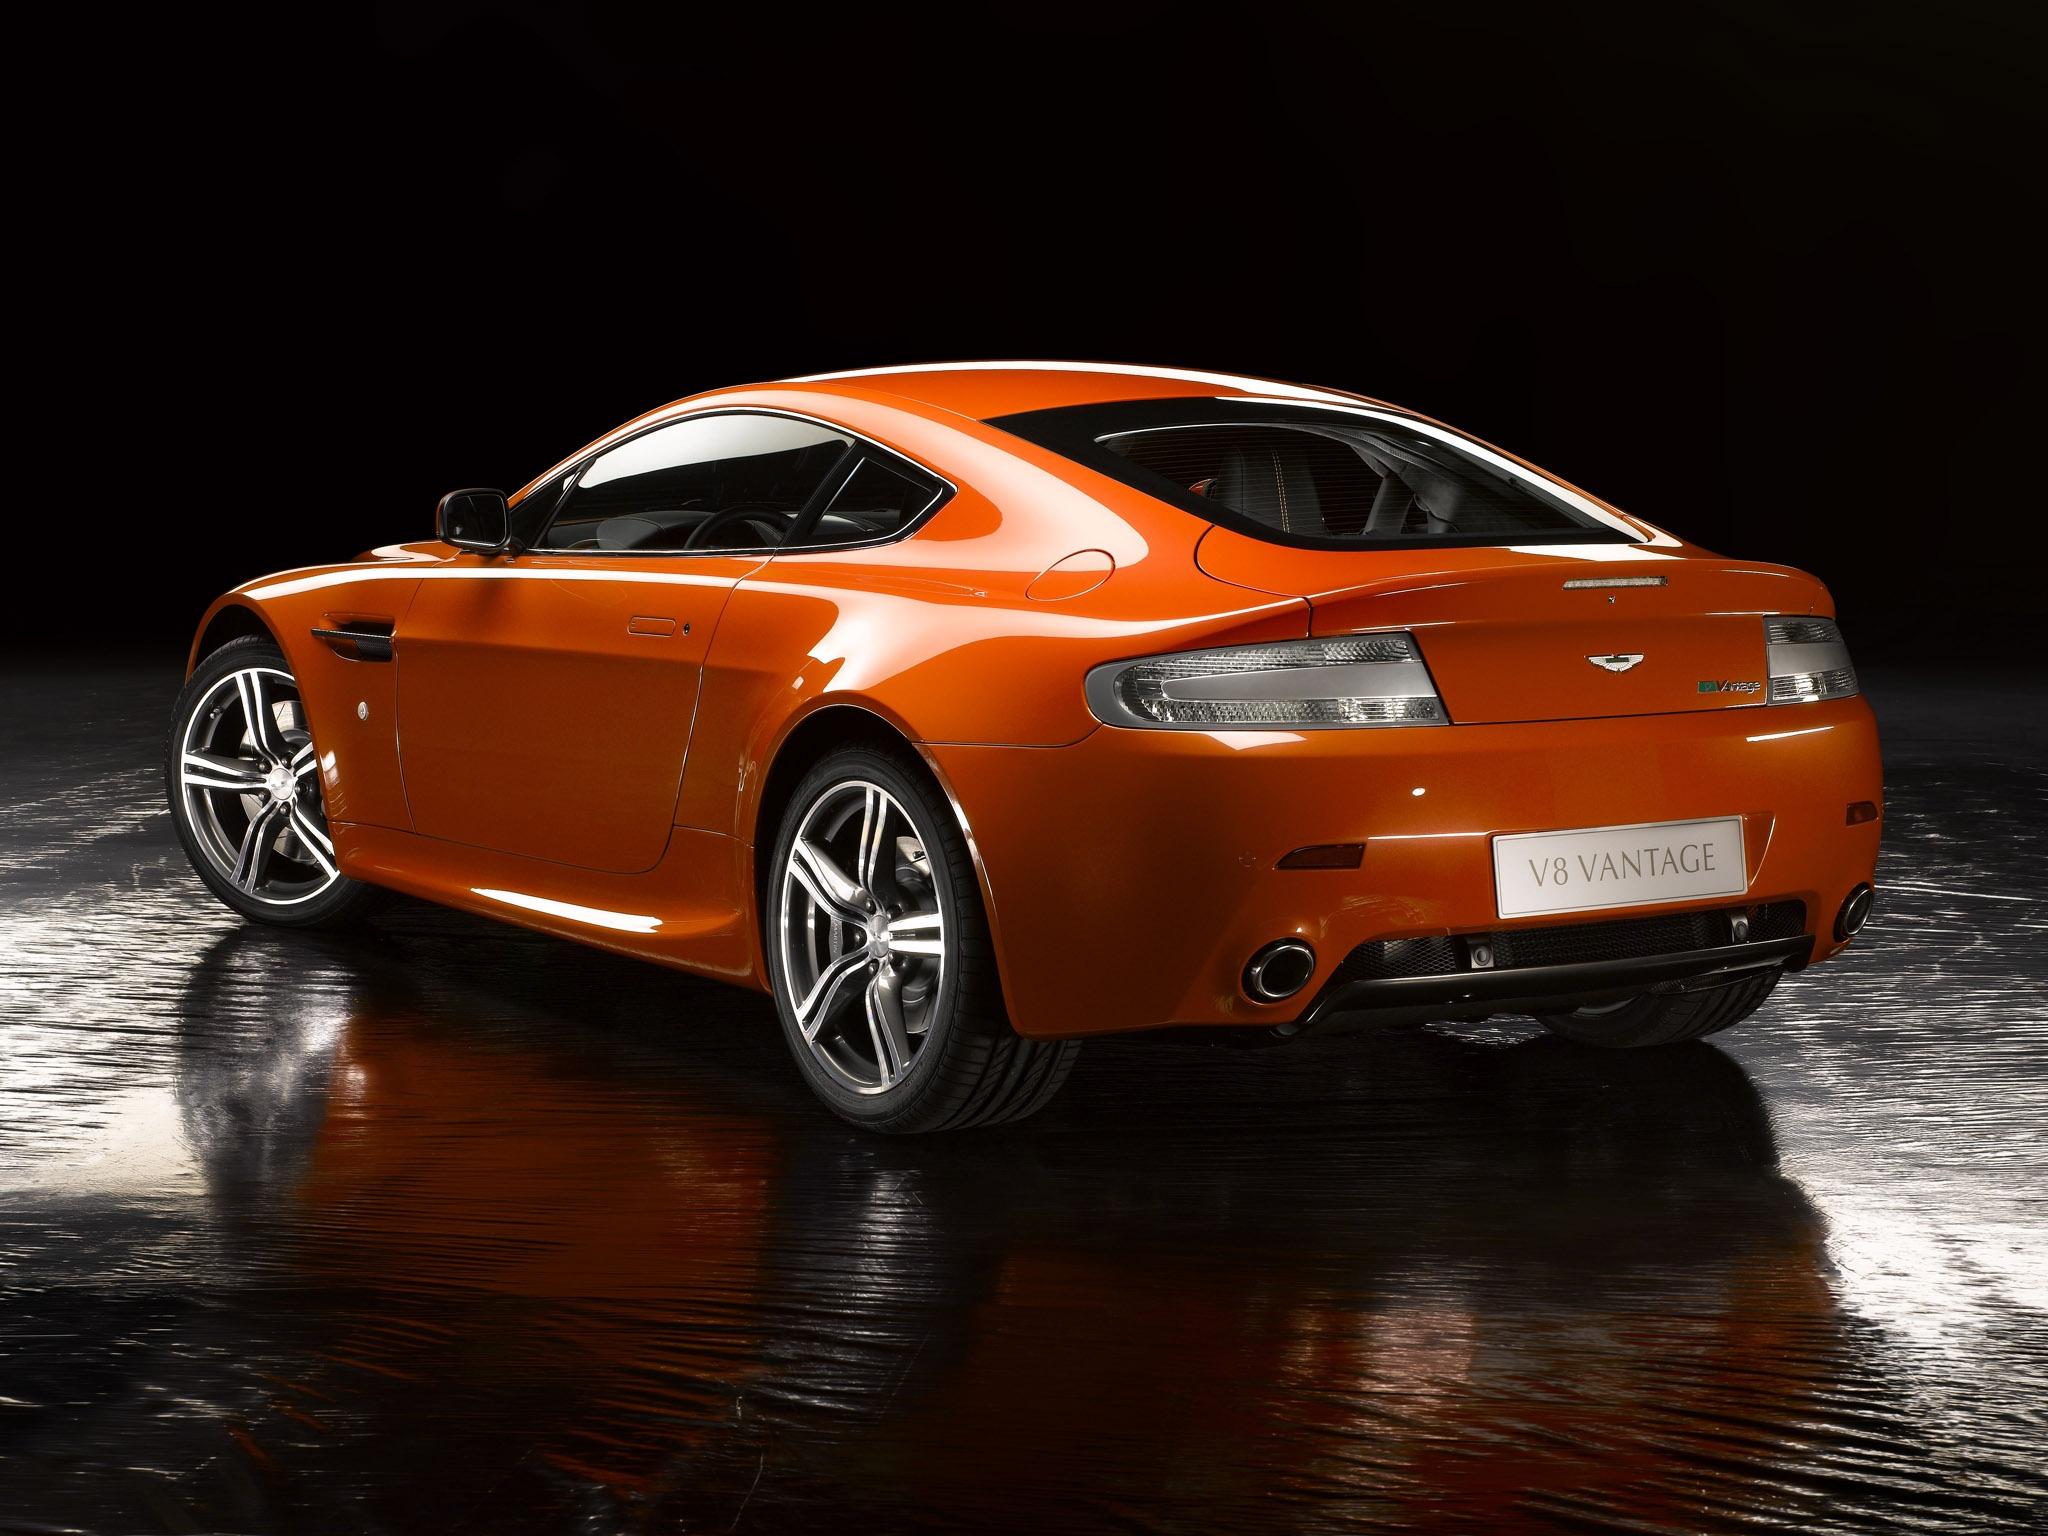 149599 скачать обои Тачки (Cars), Астон Мартин (Aston Martin), V8, Vantage, 2008, Оранжевый, Вид Сбоку, Машины, Отражение - заставки и картинки бесплатно